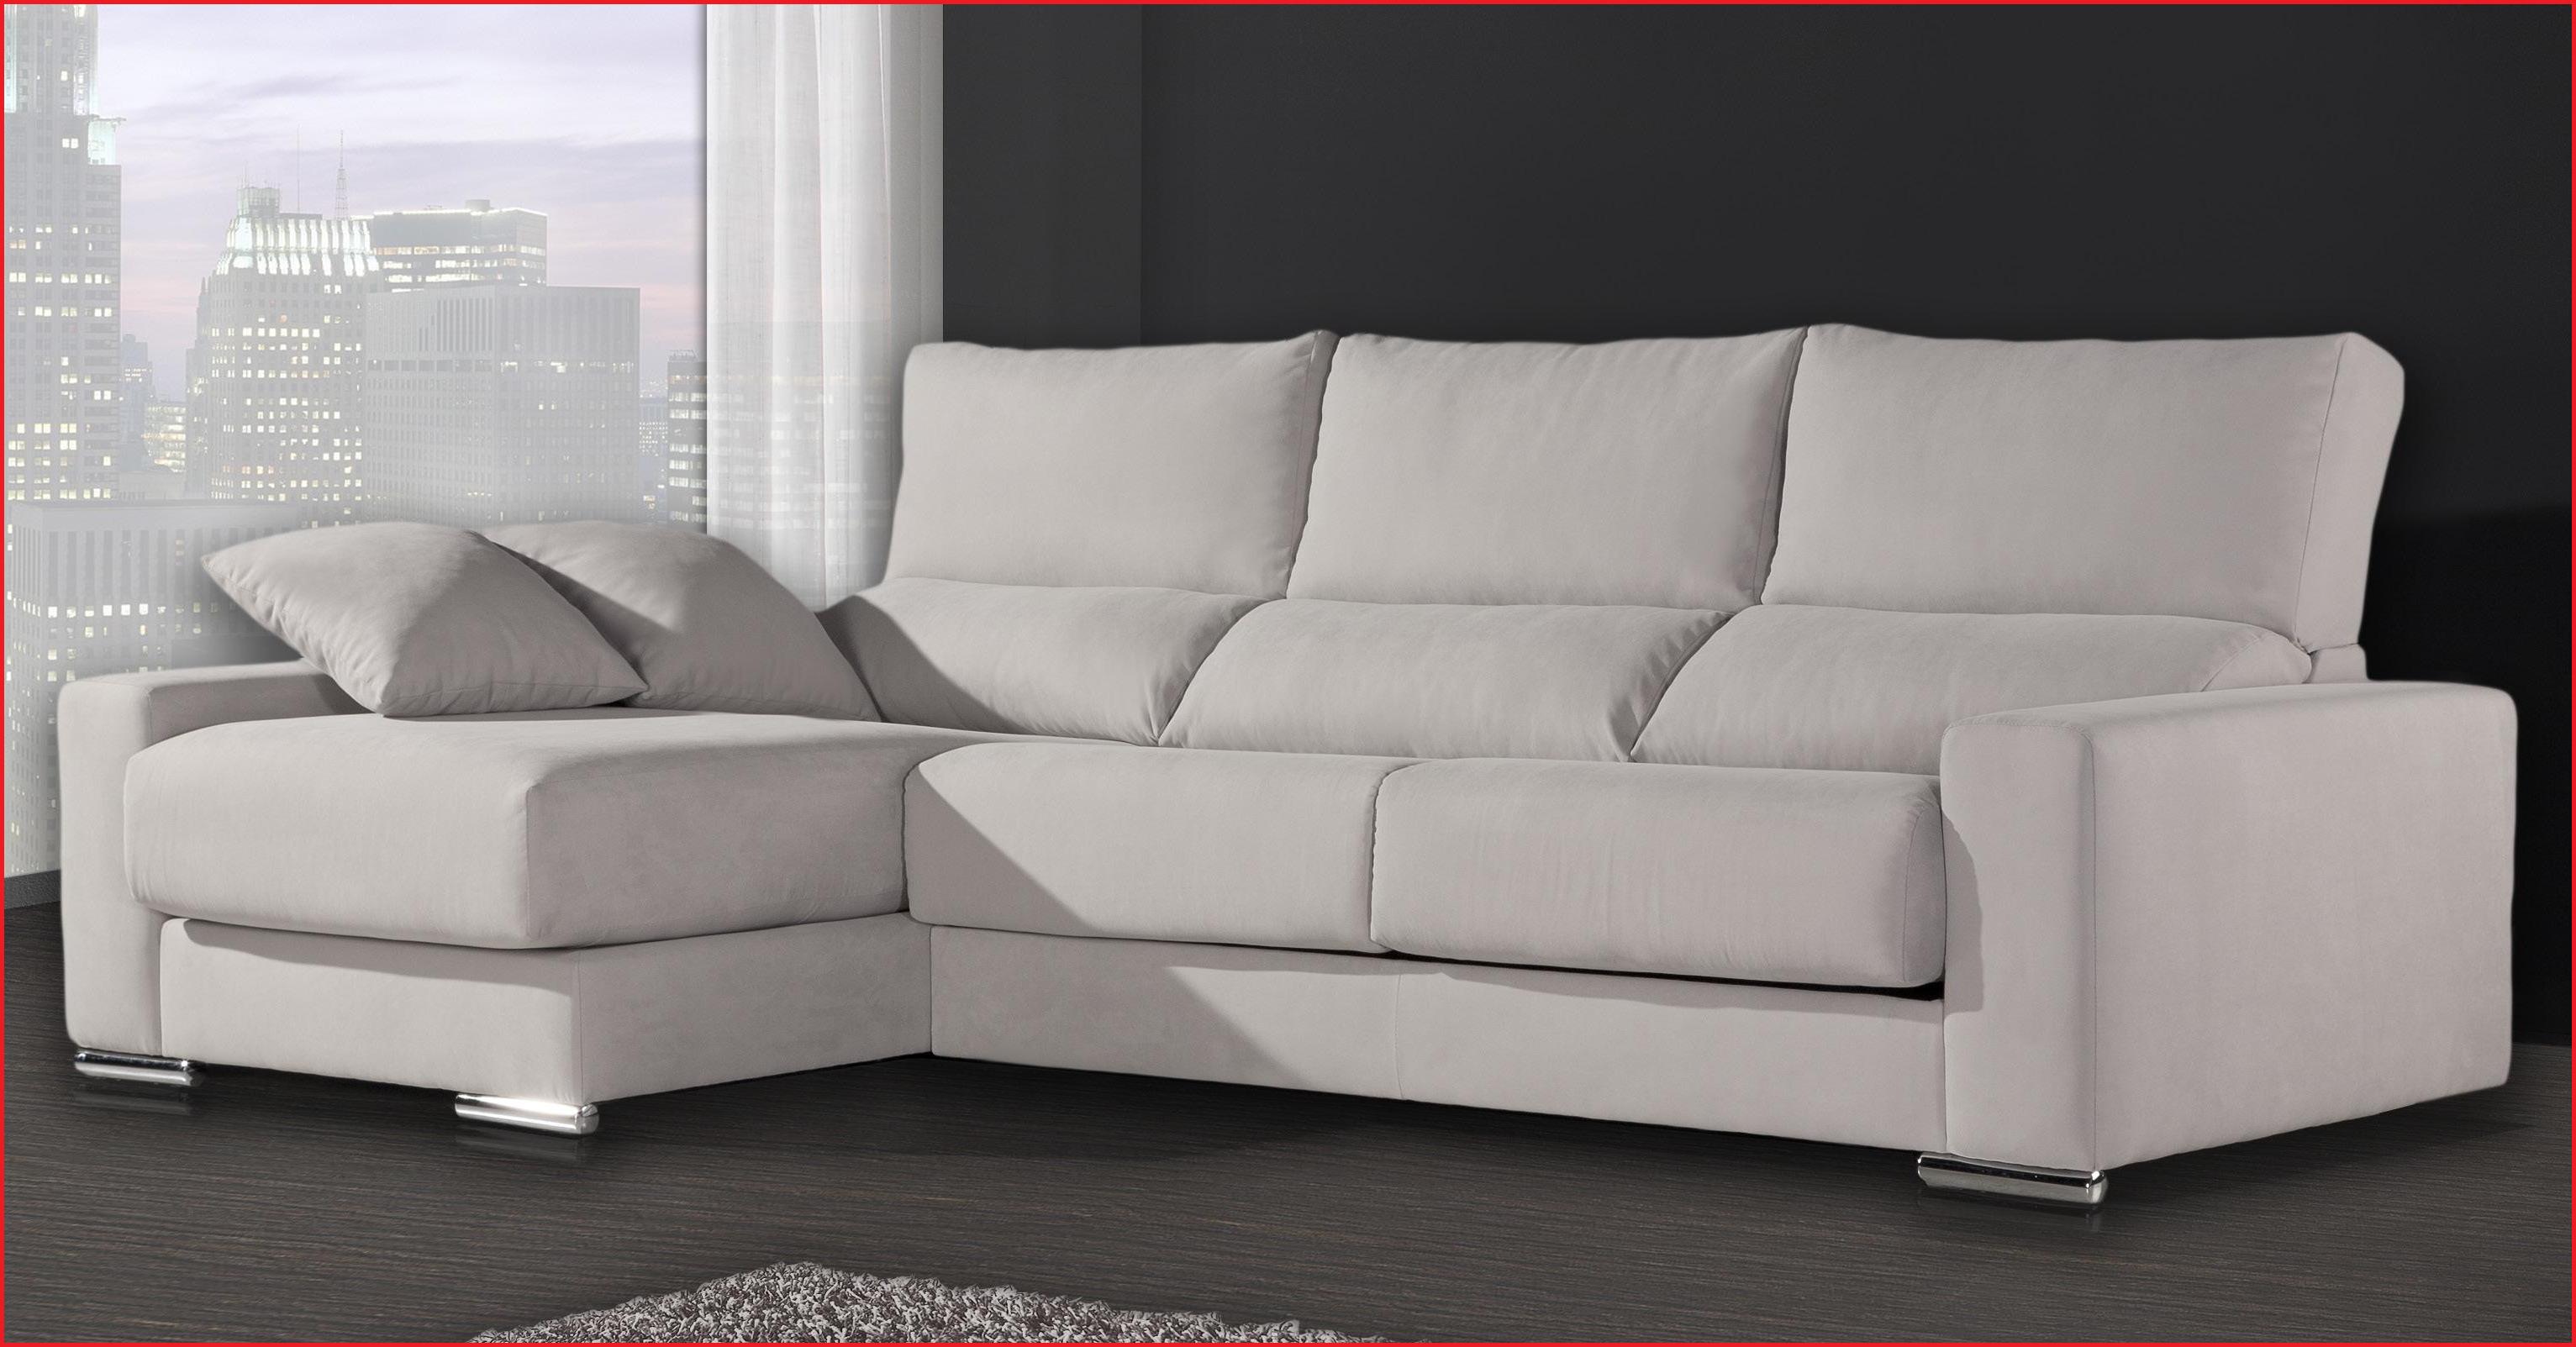 Sofas Chaise Longue Baratos Drdp sofa Chaise Longue Cama sofas Y Chaise Longue Baratos